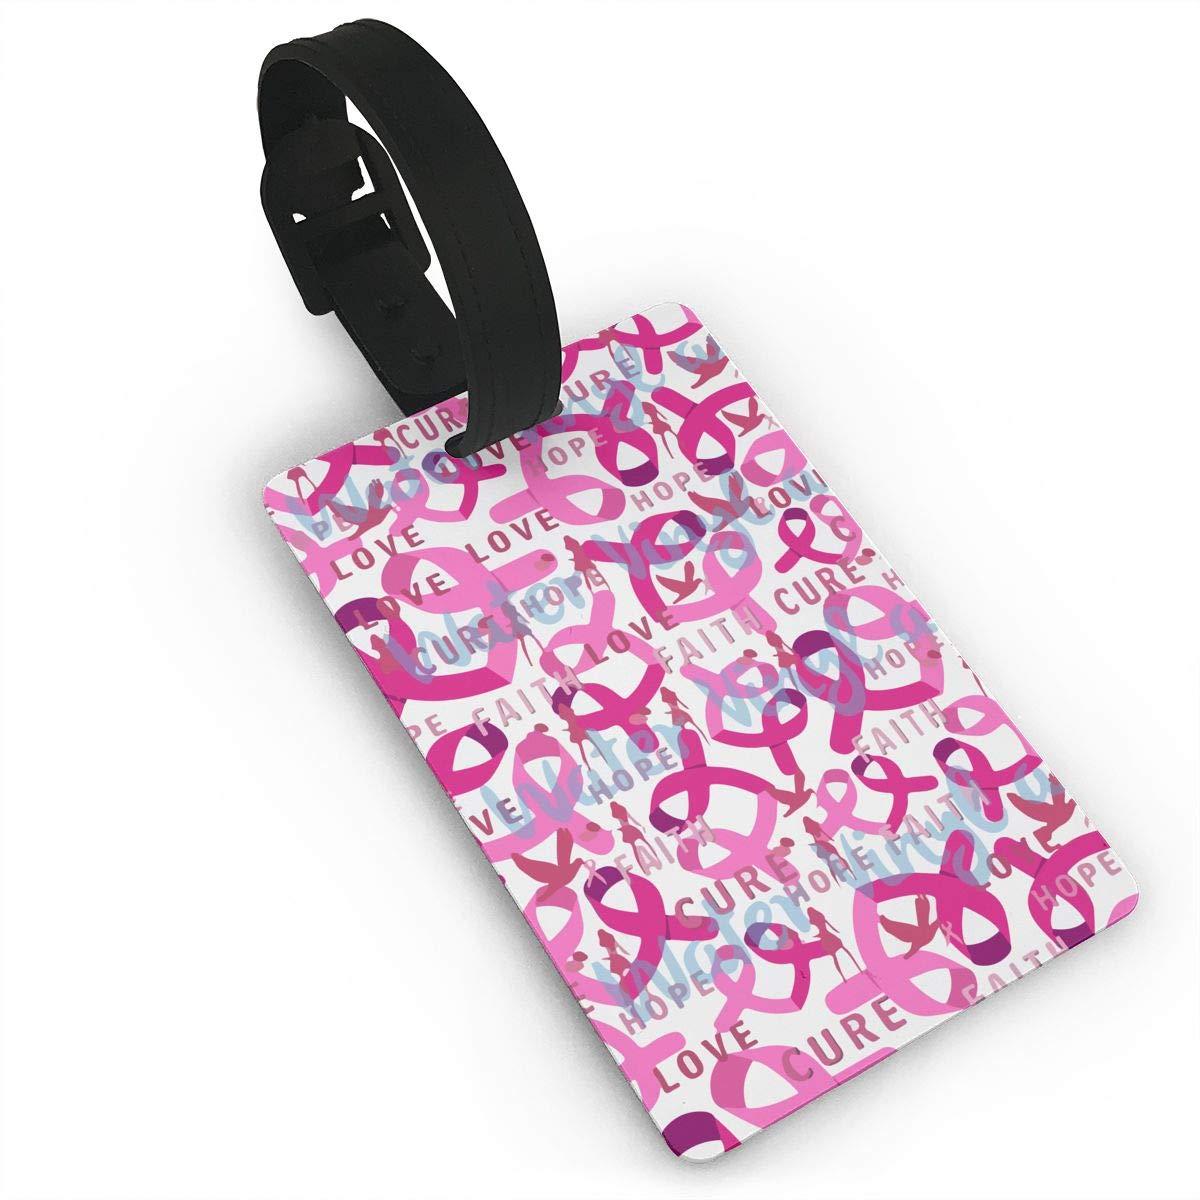 ピンク 乳がんロゴ 荷物タグ トラベルバッグ ラベル スーツケース バッグ ID タグ 名前 アドレスカード B07JWM8GGJ